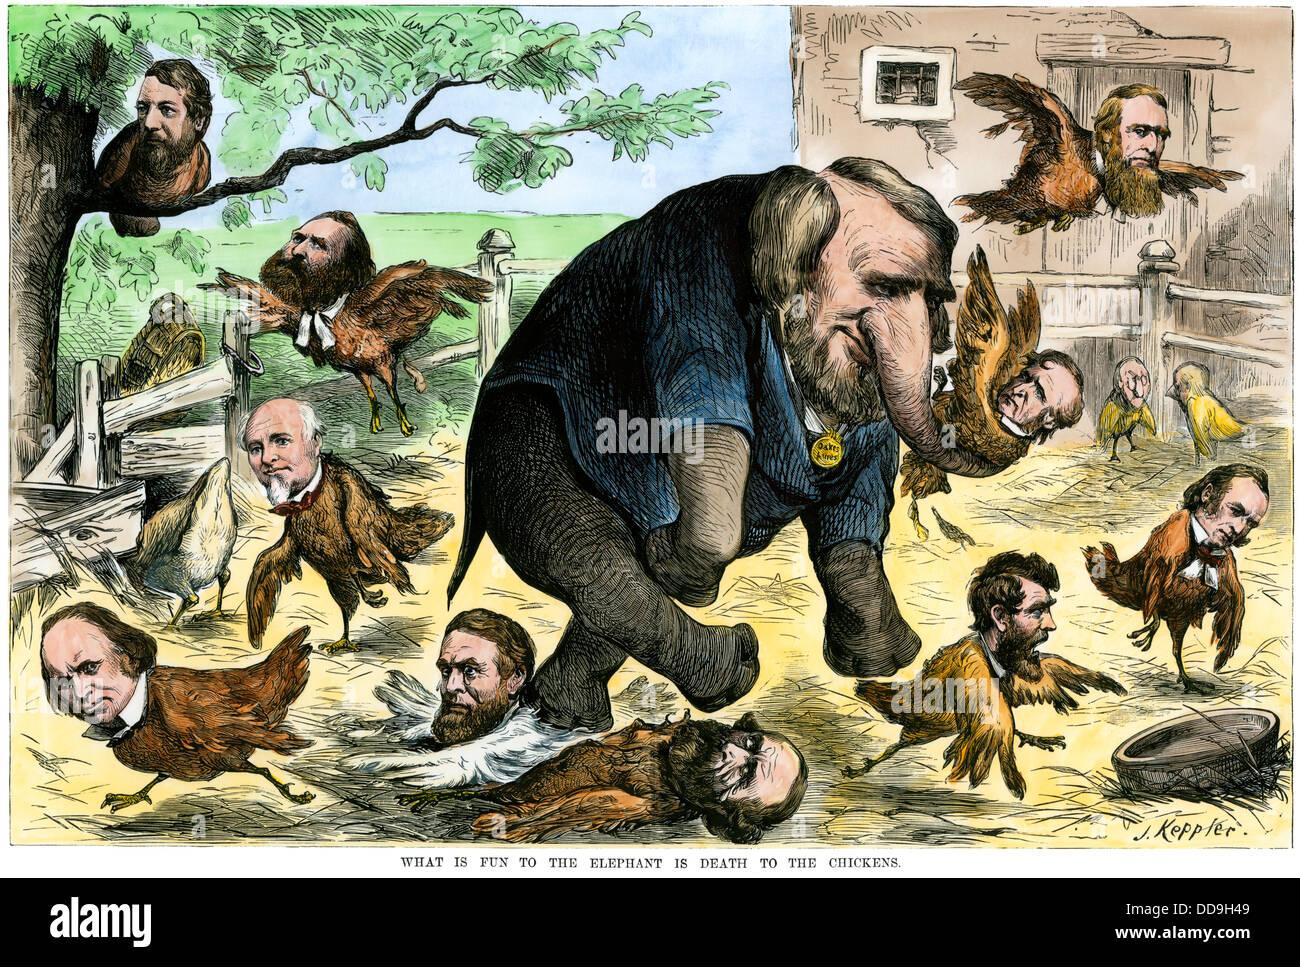 Lo que es divertido para el elefante es la muerte a los pollos, un crédito Mobilier caricatura de 1873. Xilografía Imagen De Stock